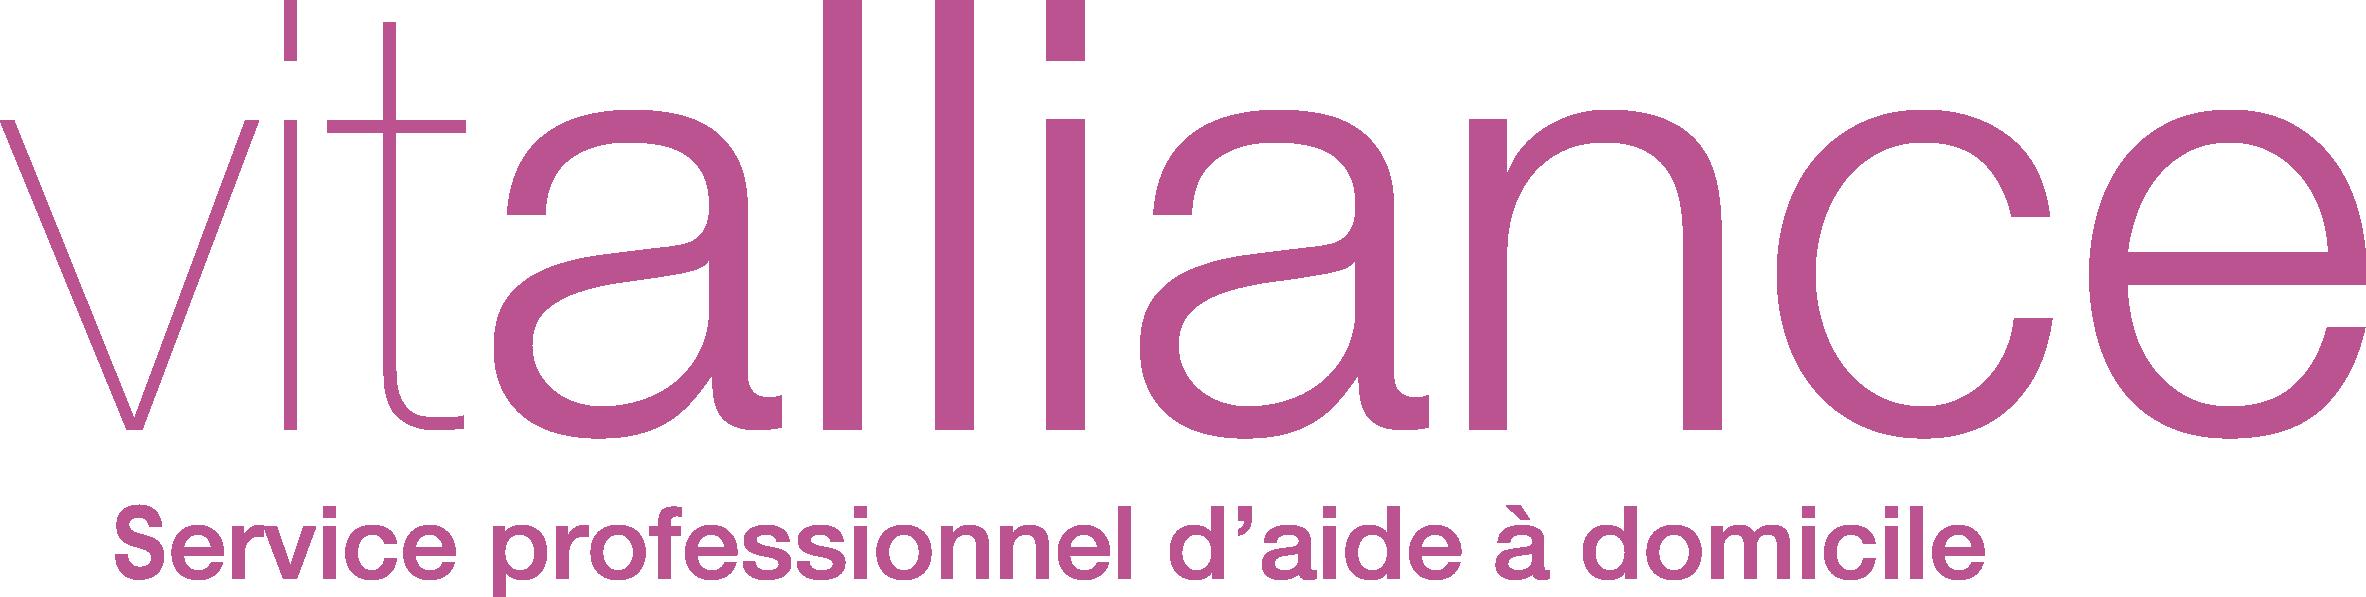 Vitalliance Grenoble Agglomération - Aide à domicile services, aide à domicile